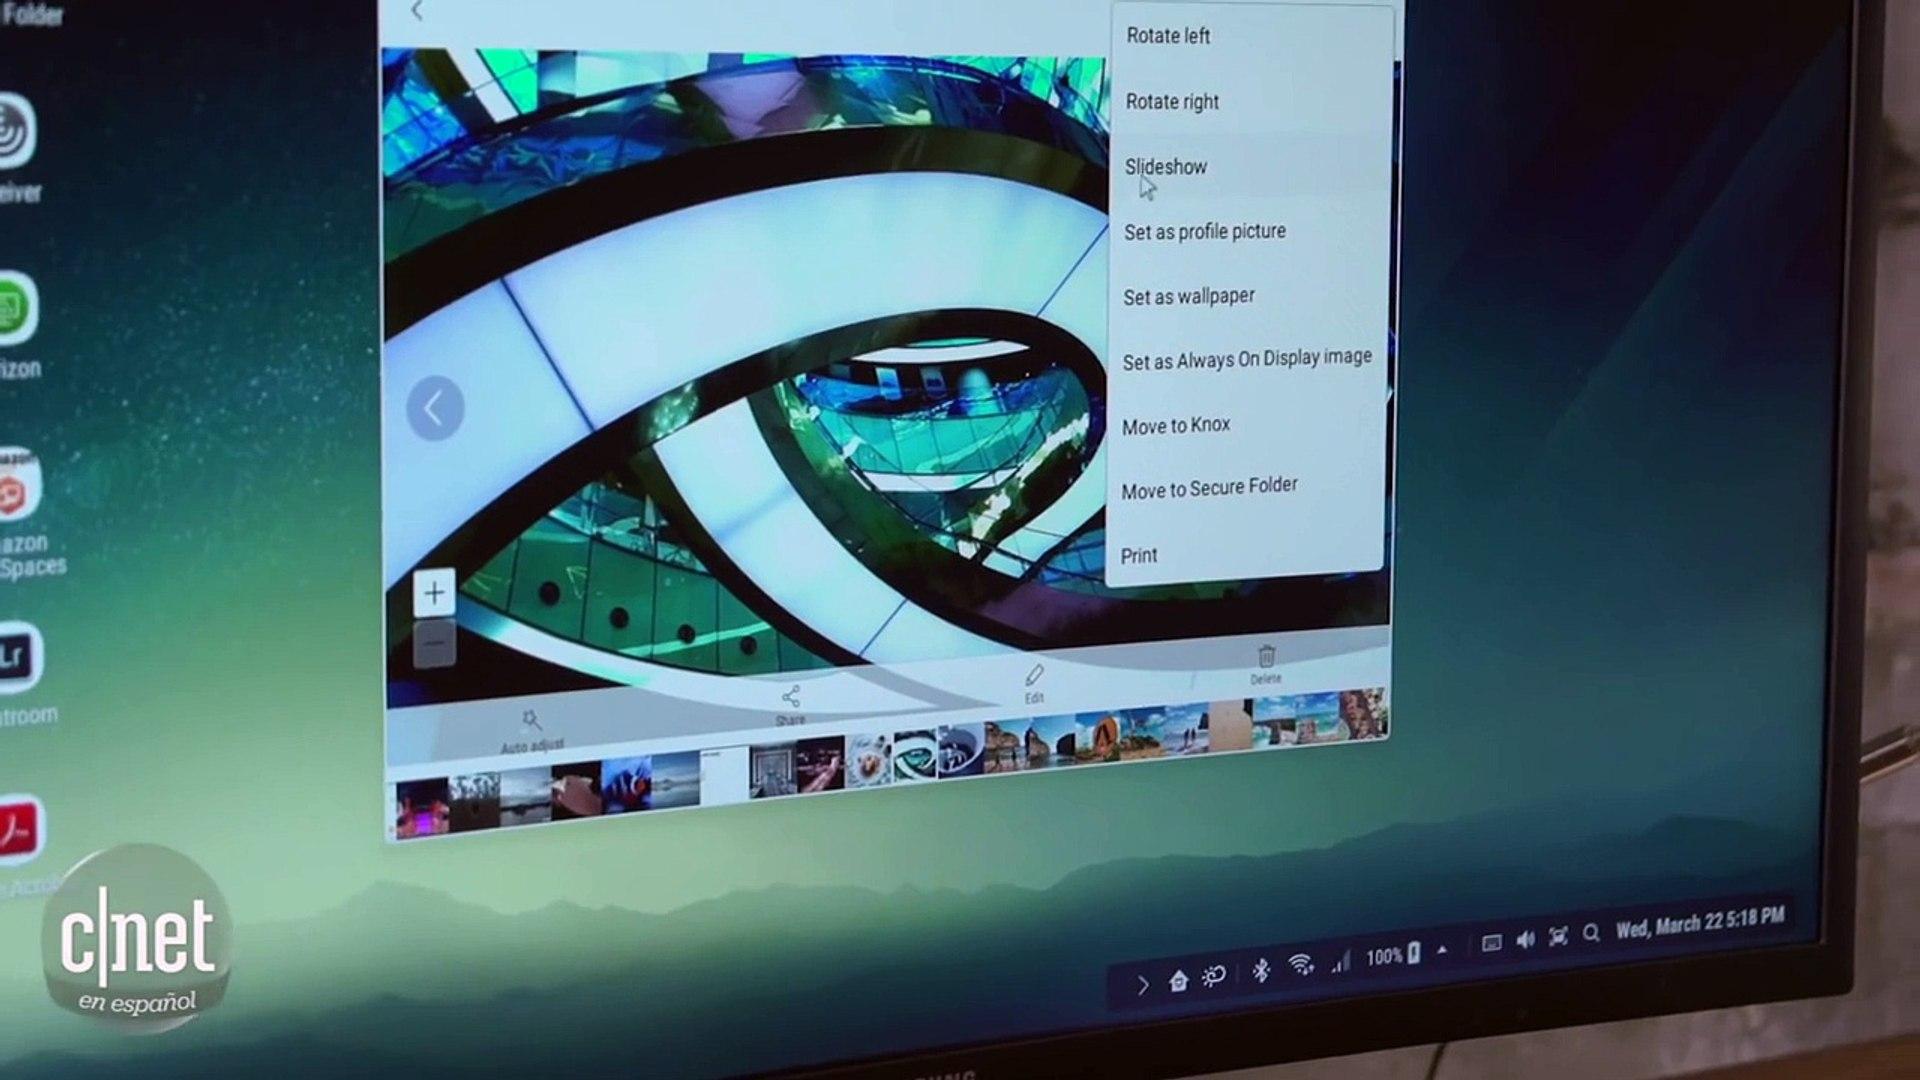 Samsung DeX: Usa el Galaxy S8 como computadora de escritorio